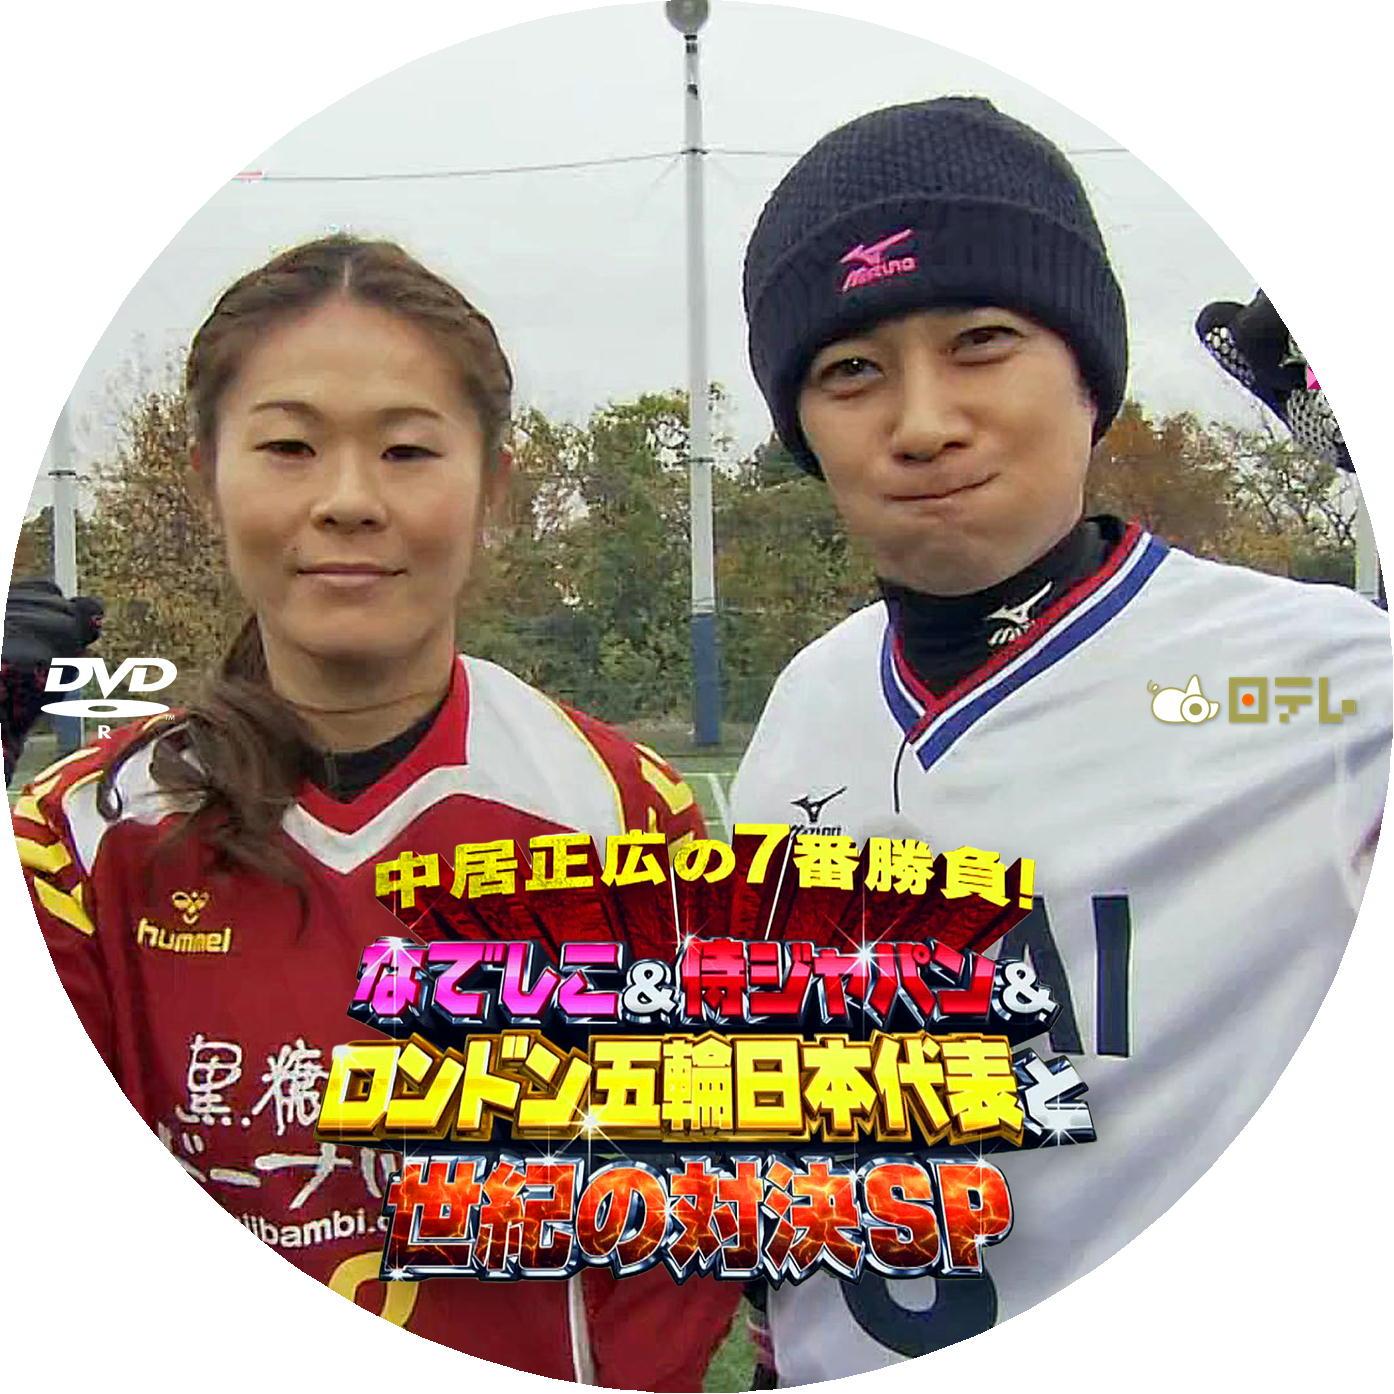 中居&澤 DVDラベル